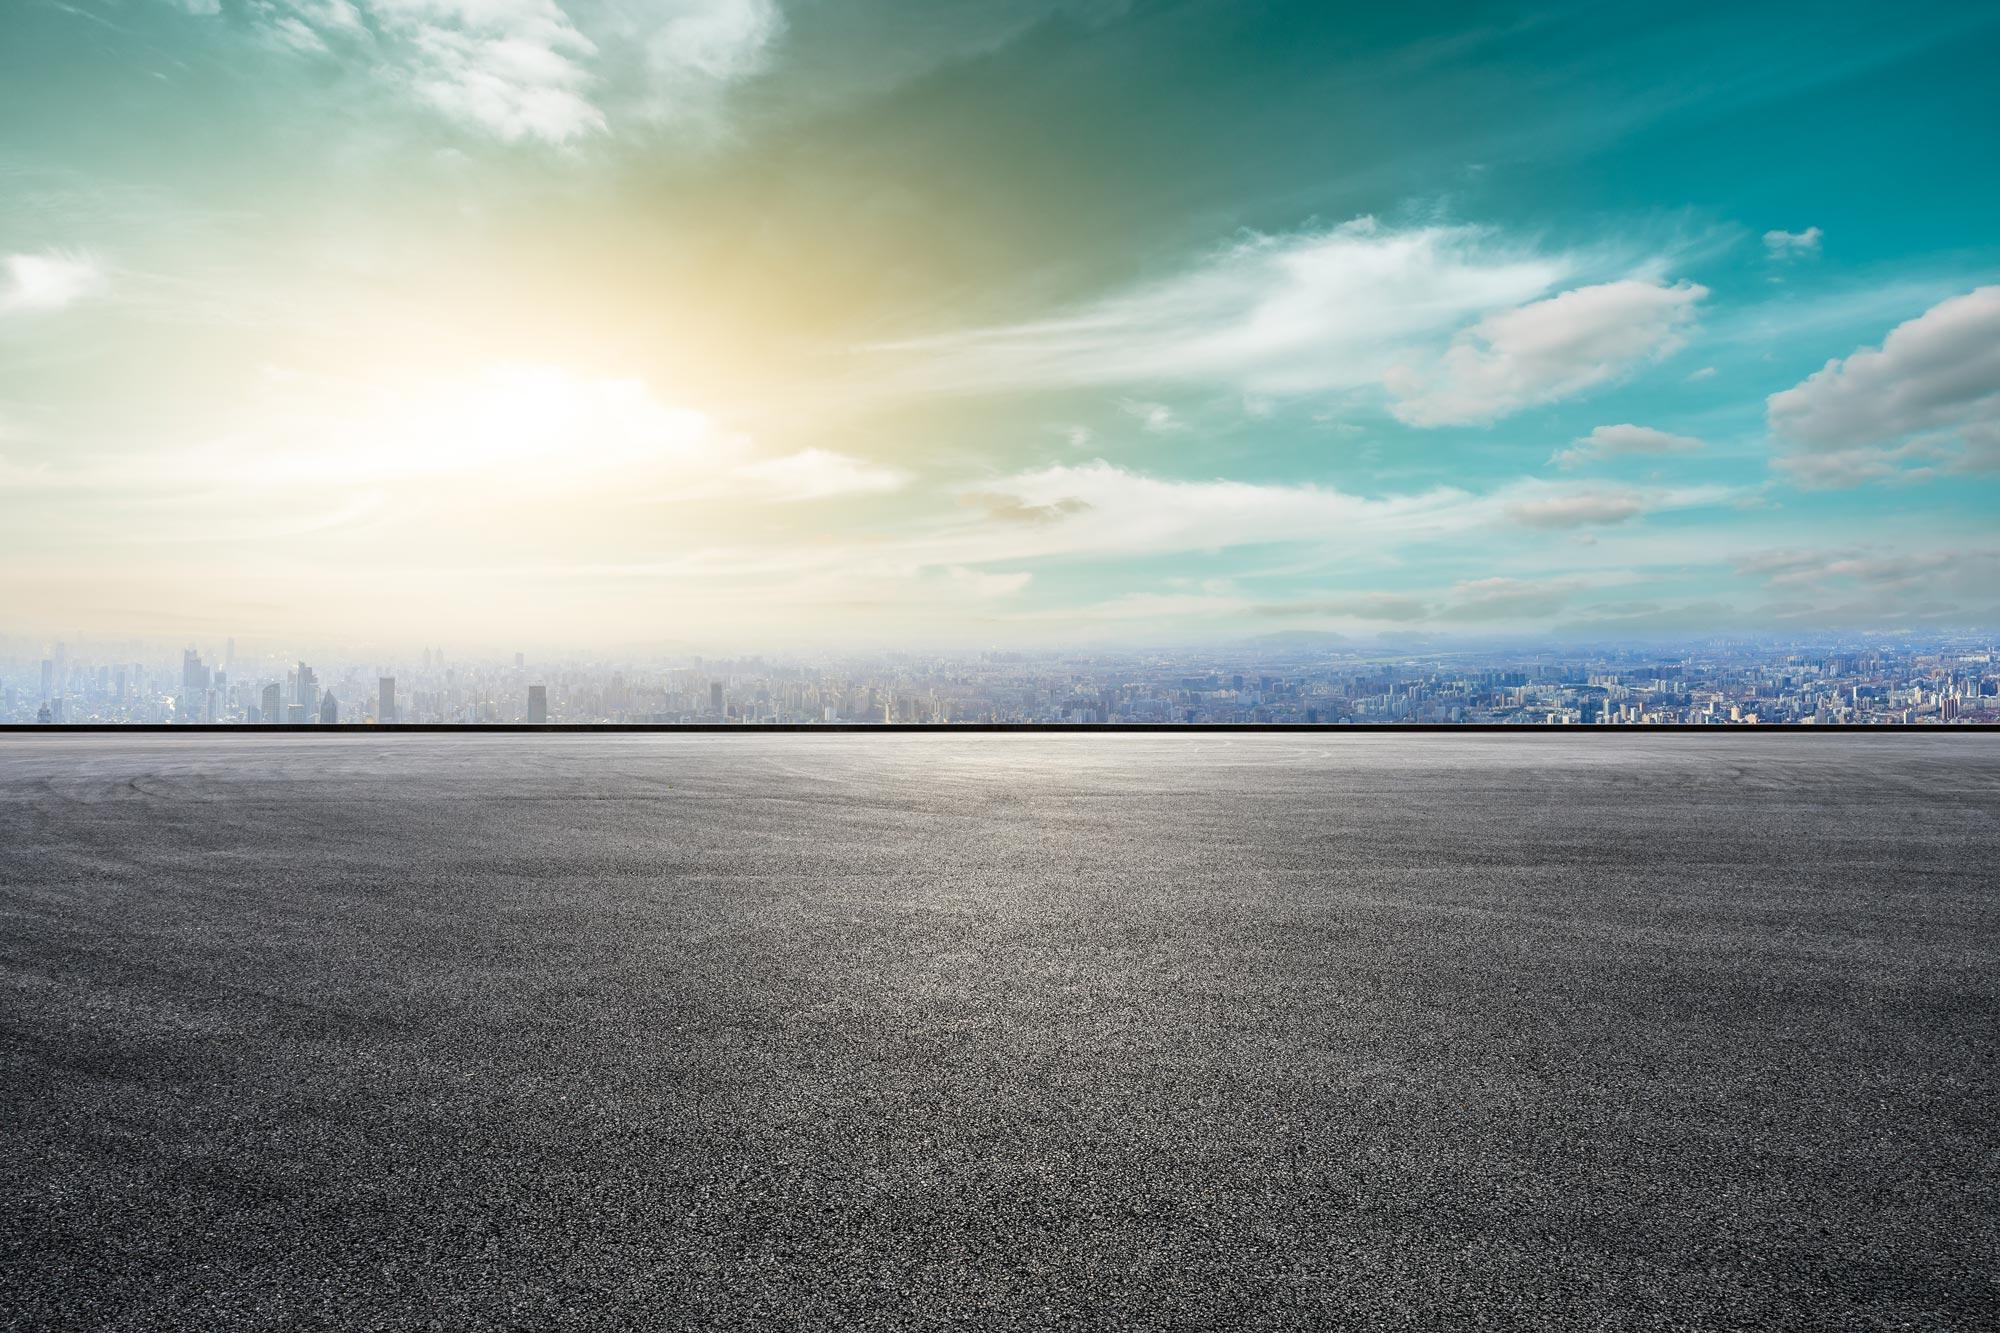 parcheggio vuoto in asfalto all'alba